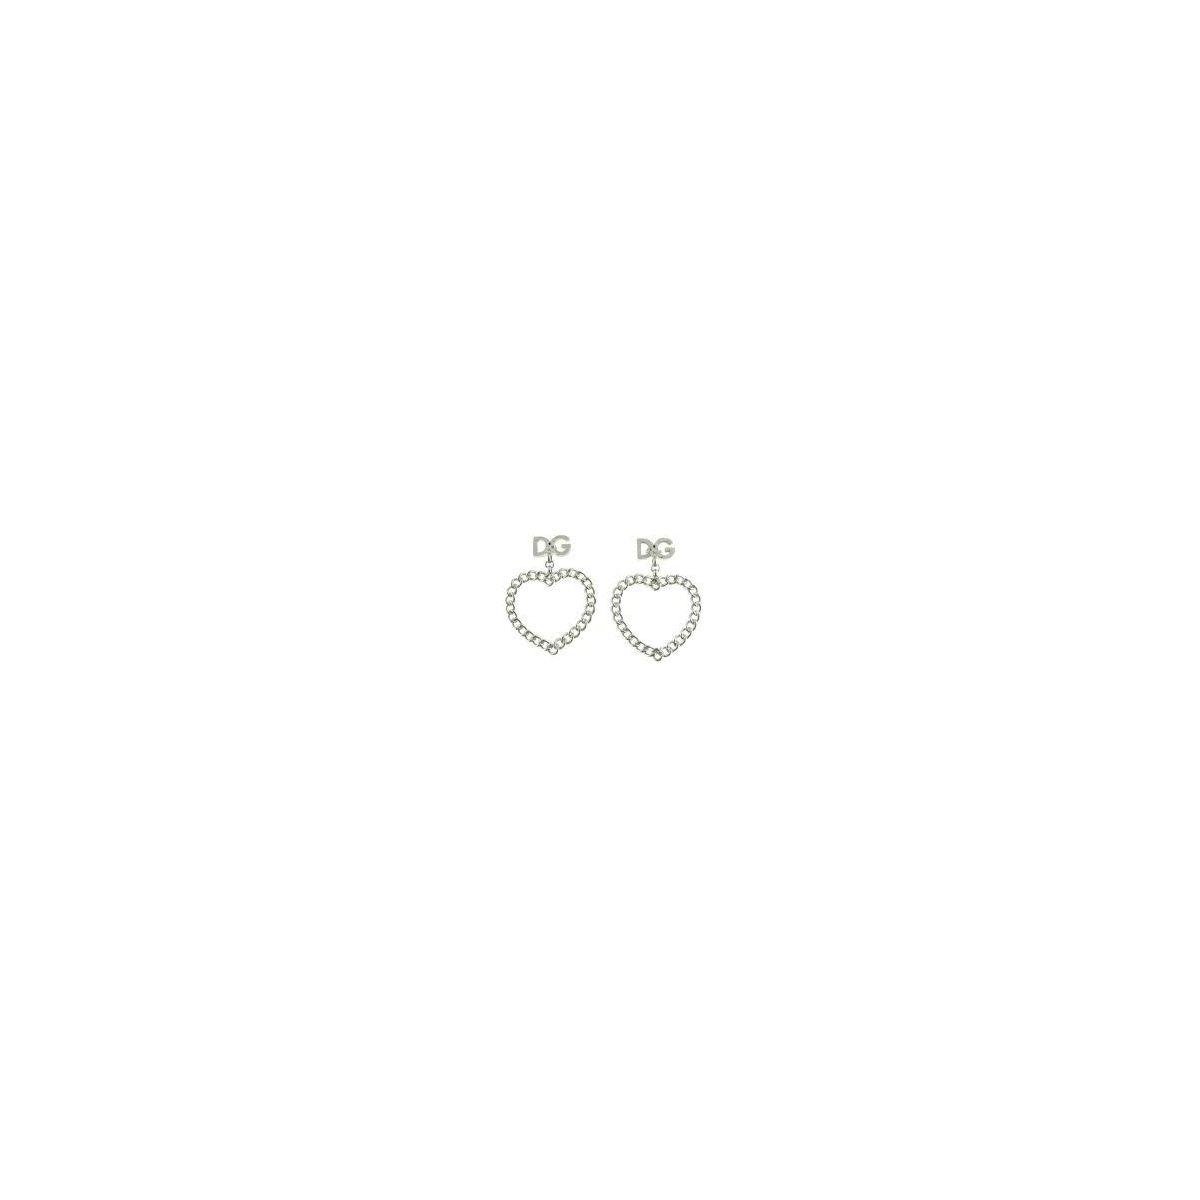 ORECCHINI DONNA GIOIELLI D&G DJ0561